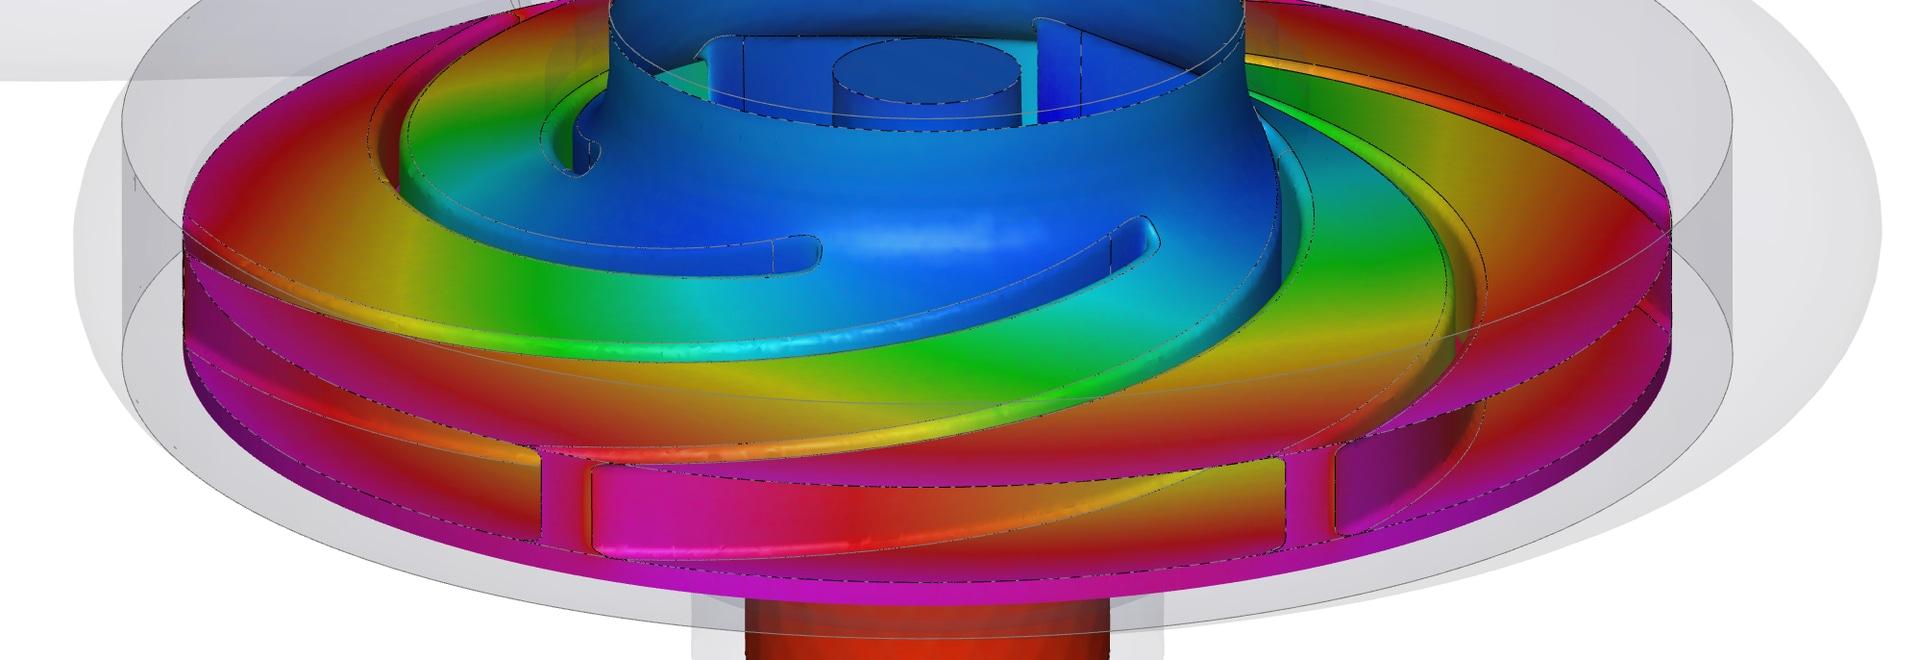 Radial Pump CFD-Simulation